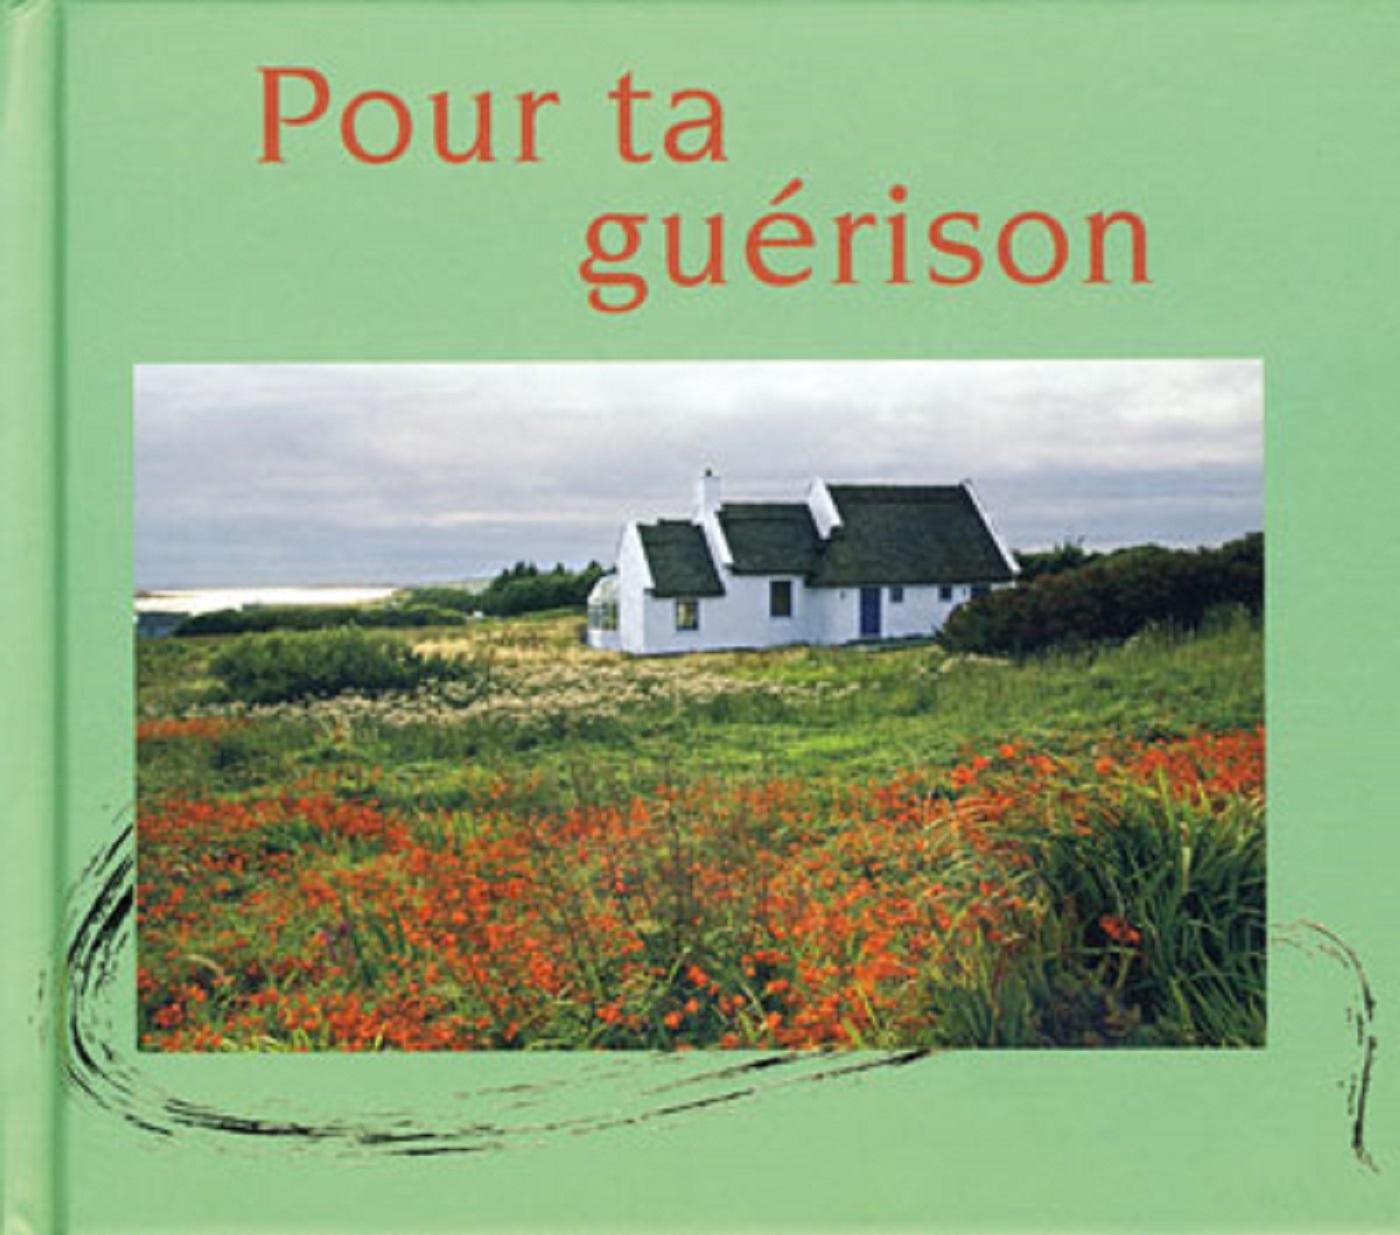 POUR TA GUERISON